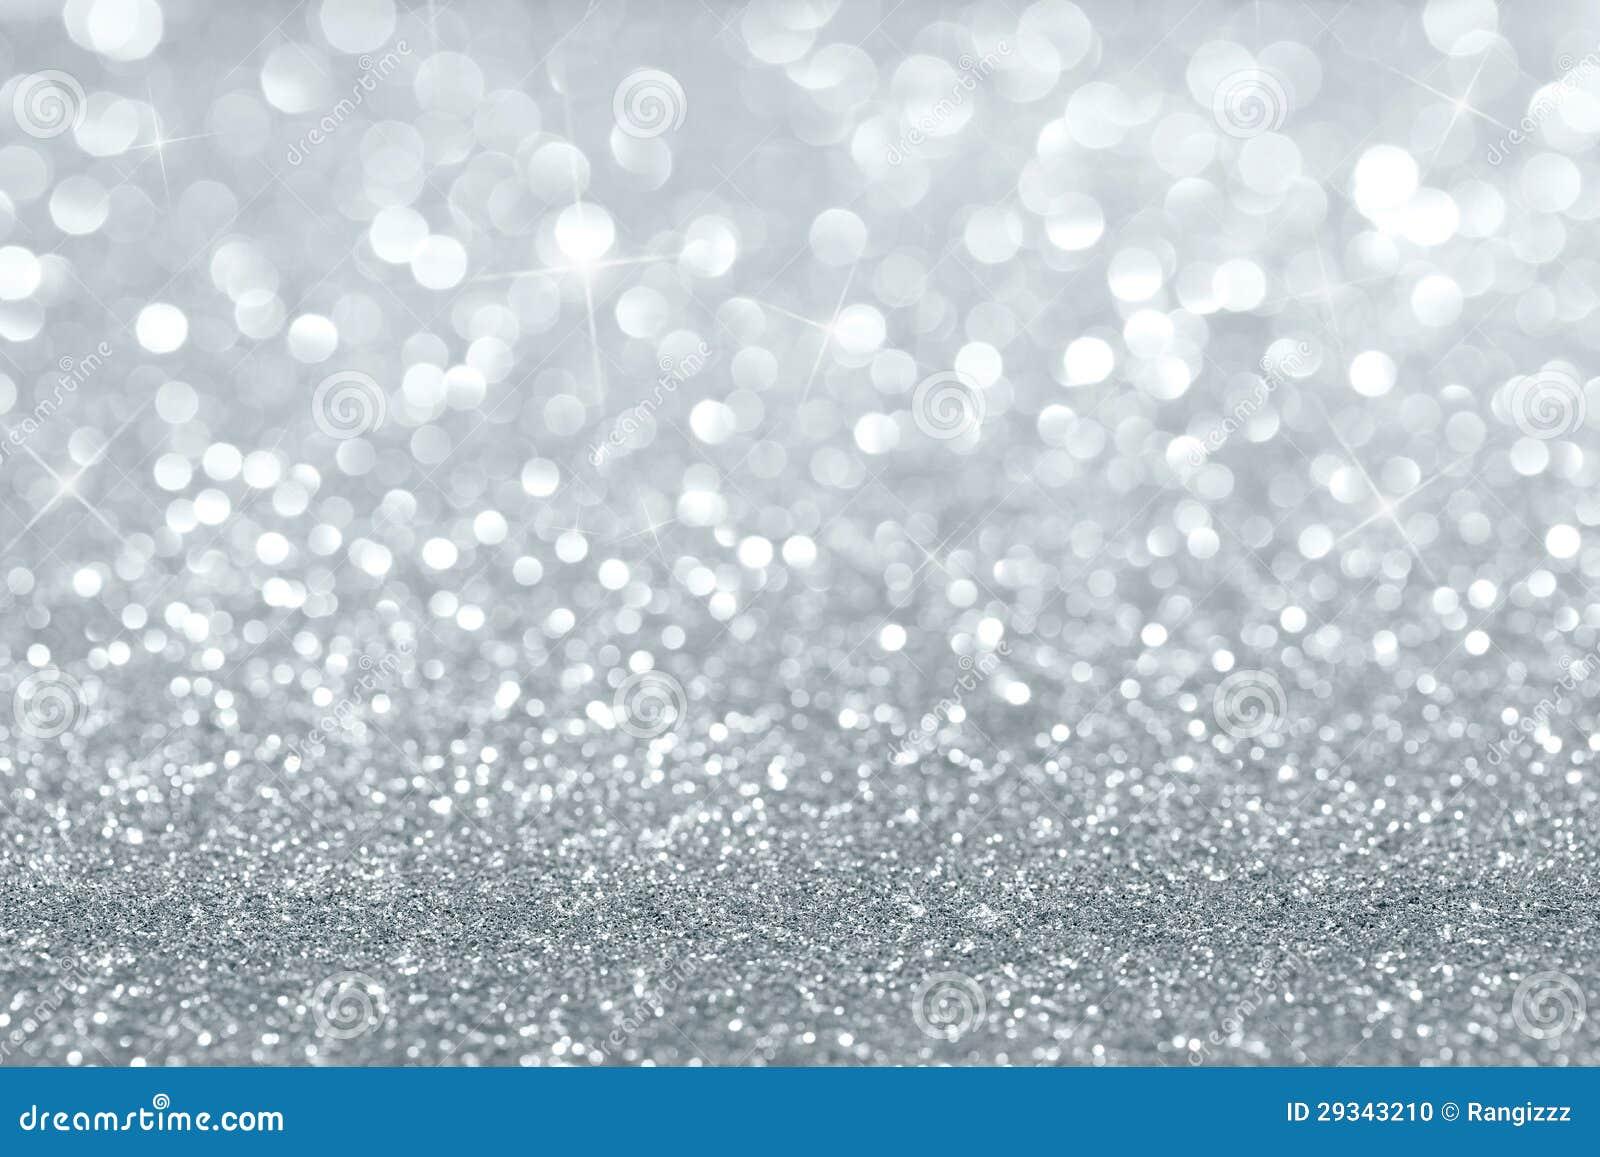 Серебряная предпосылка яркого блеска